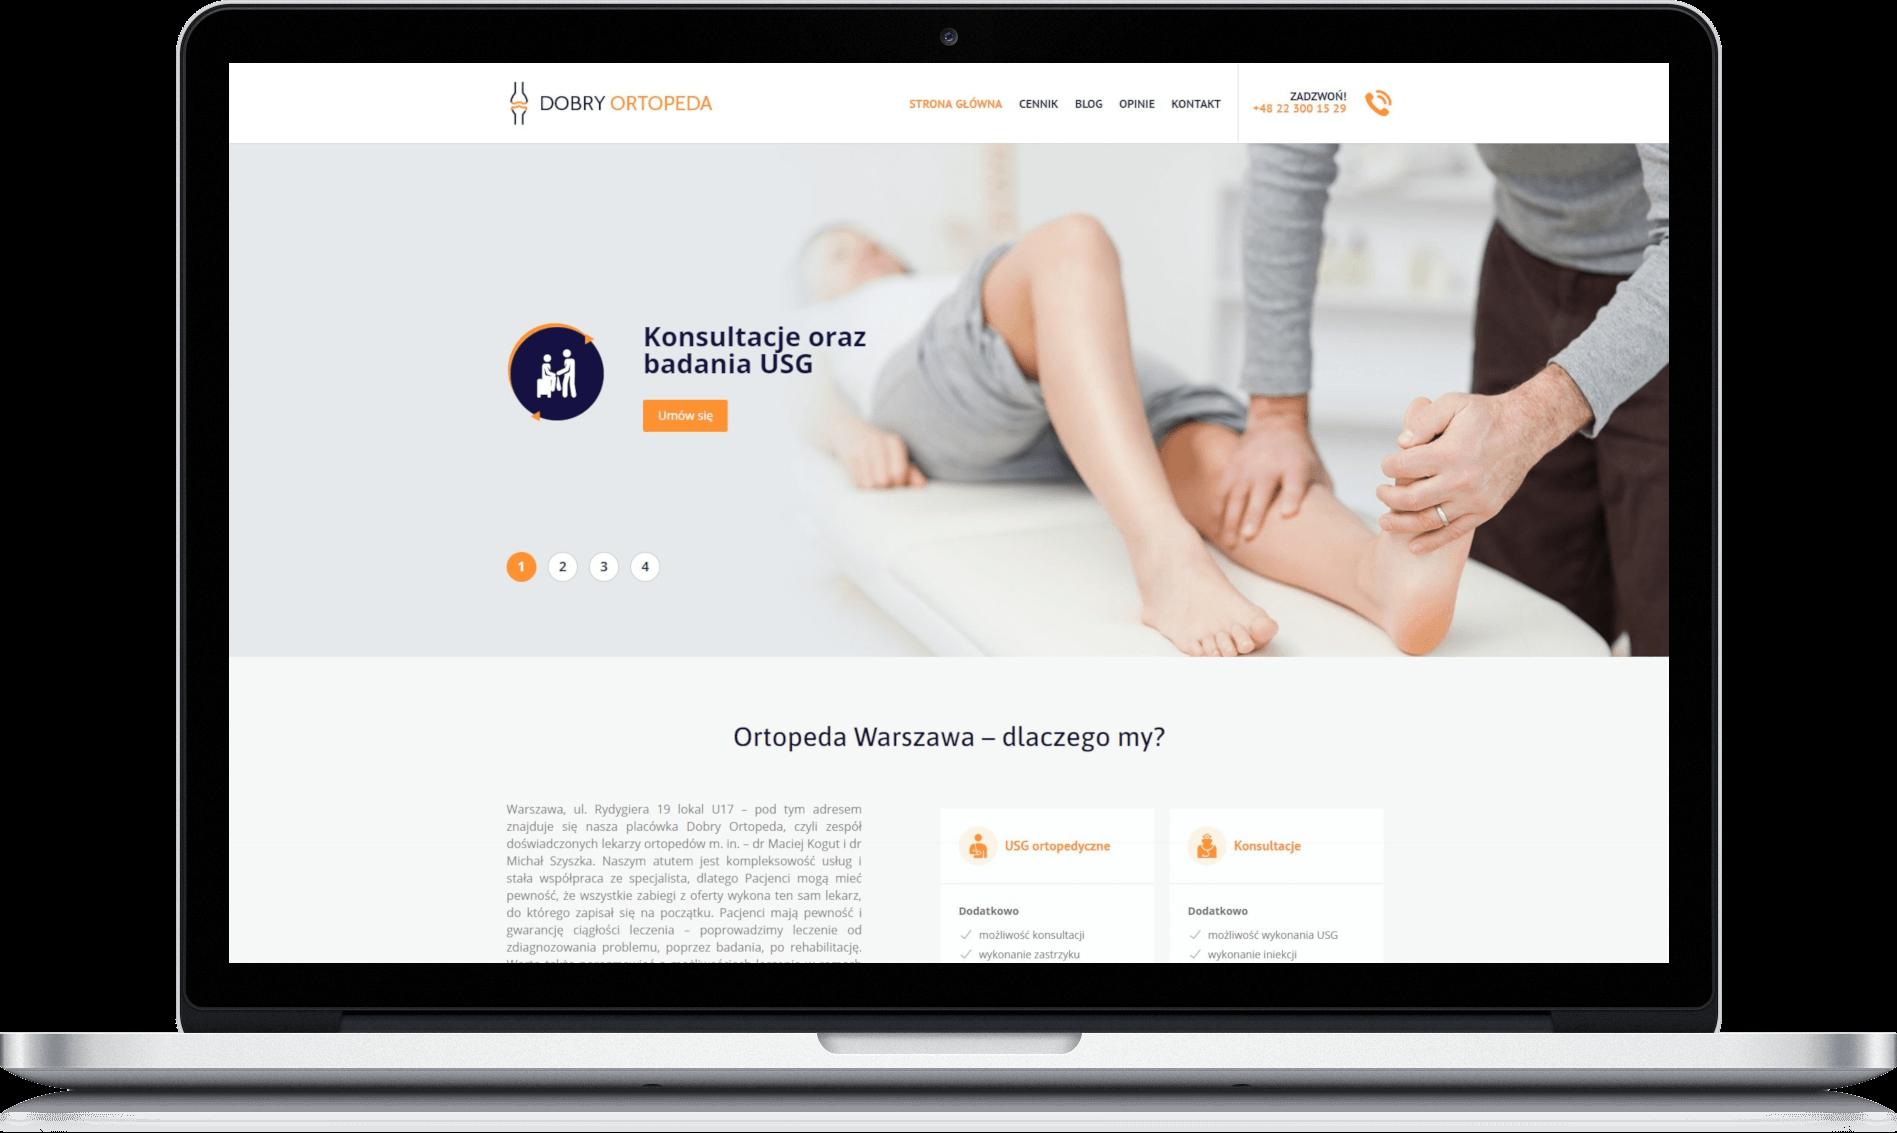 Realizacja - Dobry ortopeda